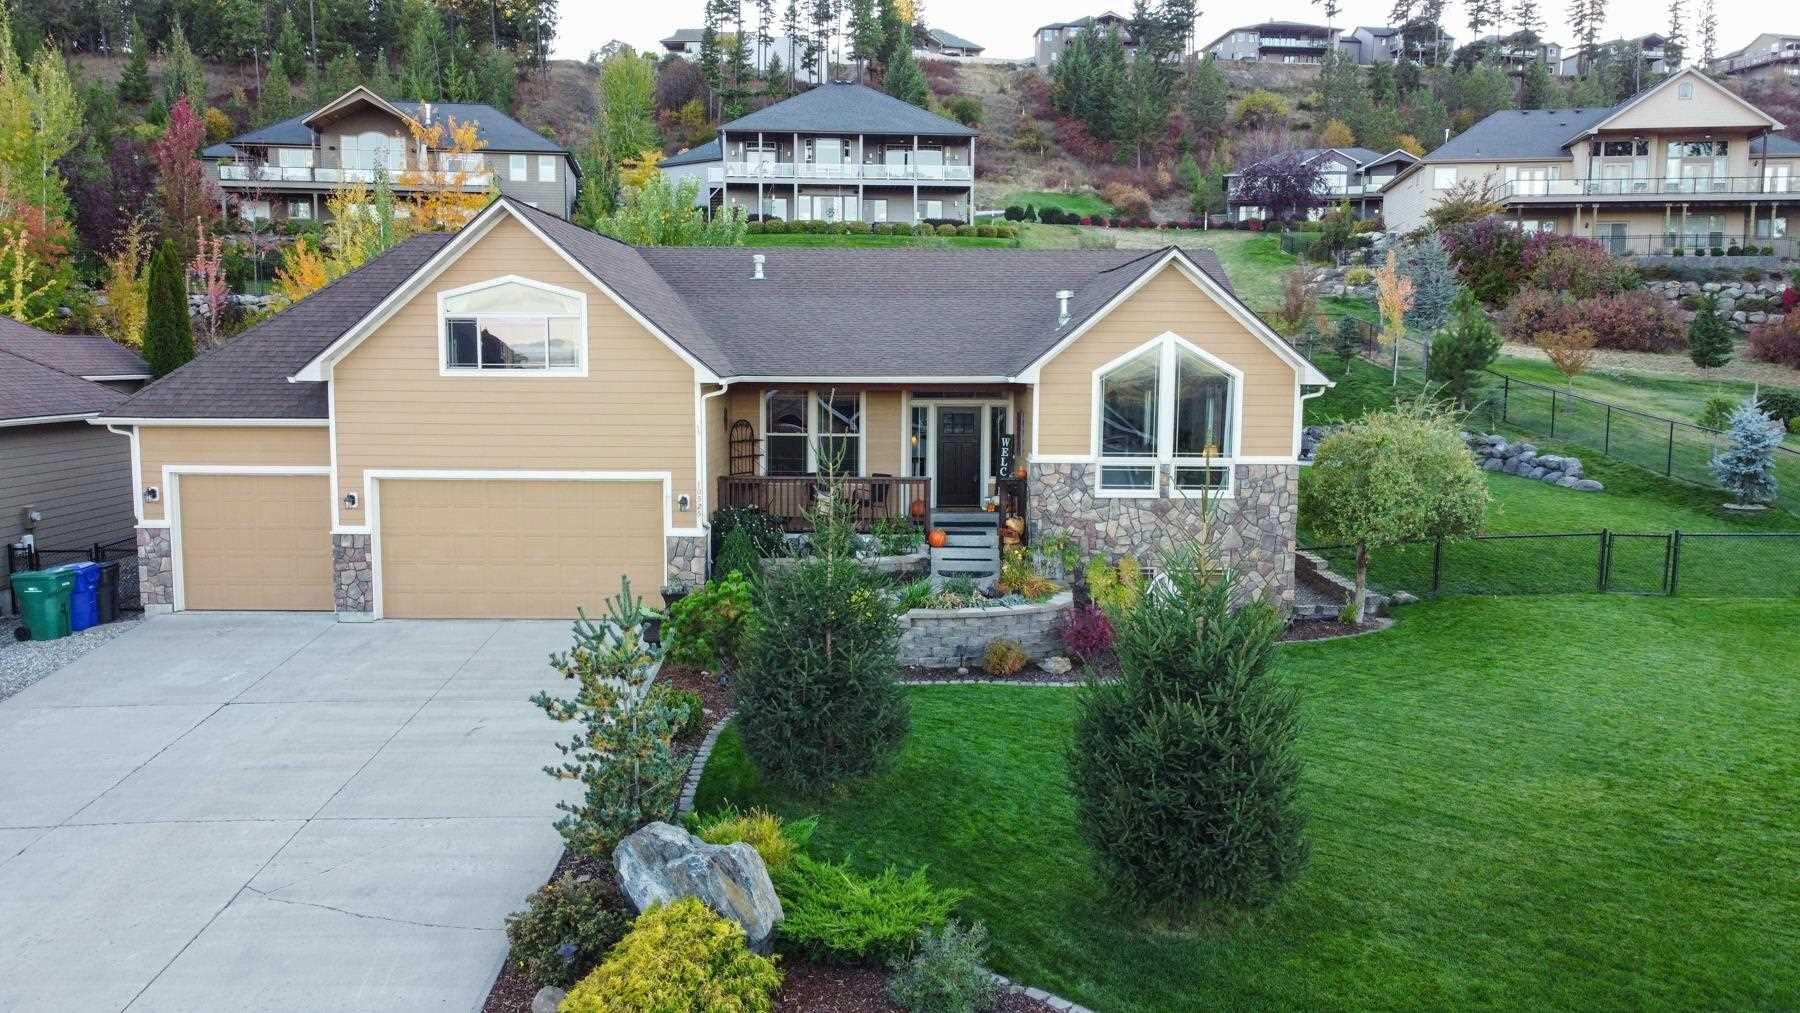 10525 N Edna Ln, Spokane, WA 99218-2646 - #: 202123830